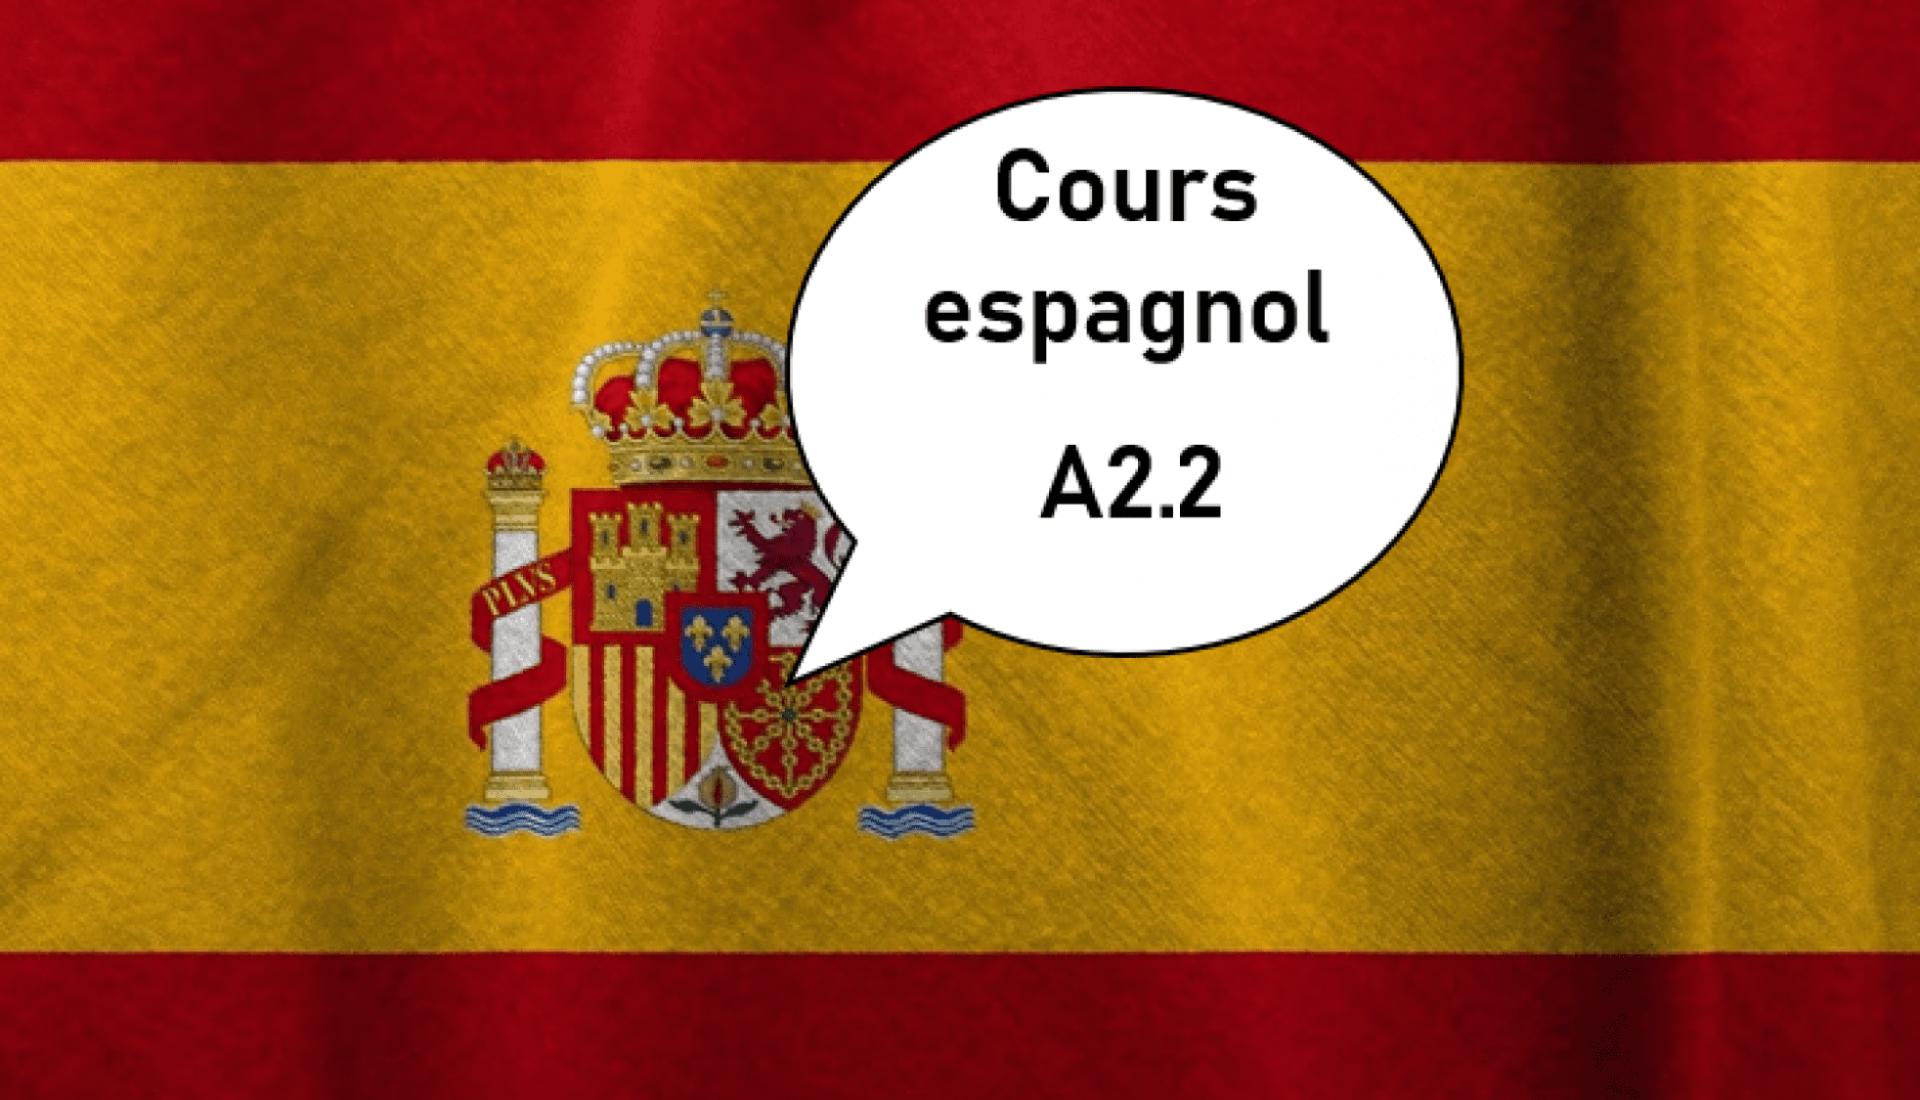 Espagnol A2.2